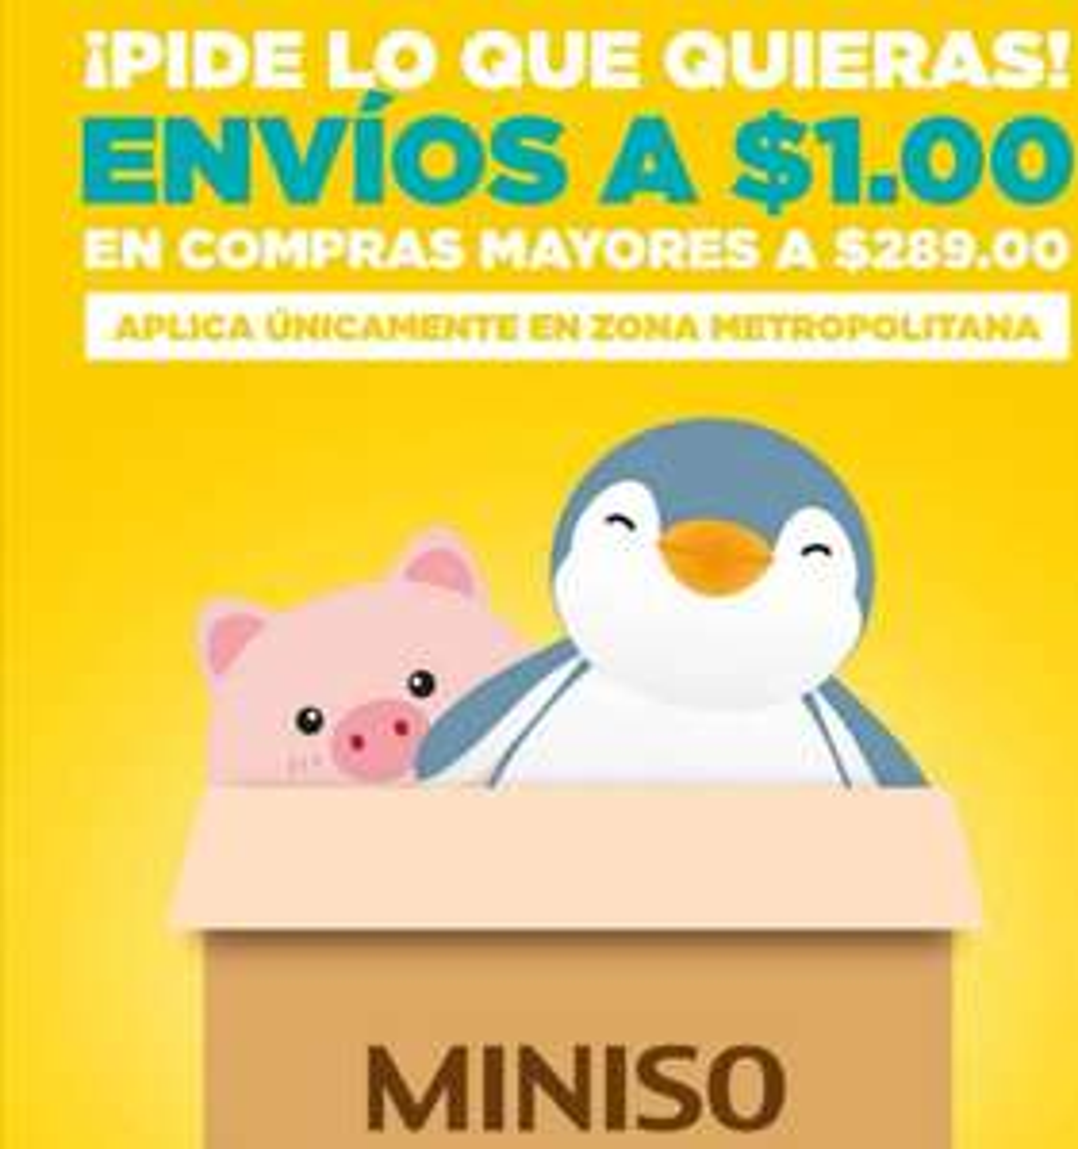 Miniso: Envío a $1 a partir de $289 de compra. Cdmx y Edo. Mex. (Jalisco y resto del país, revisar descripción)